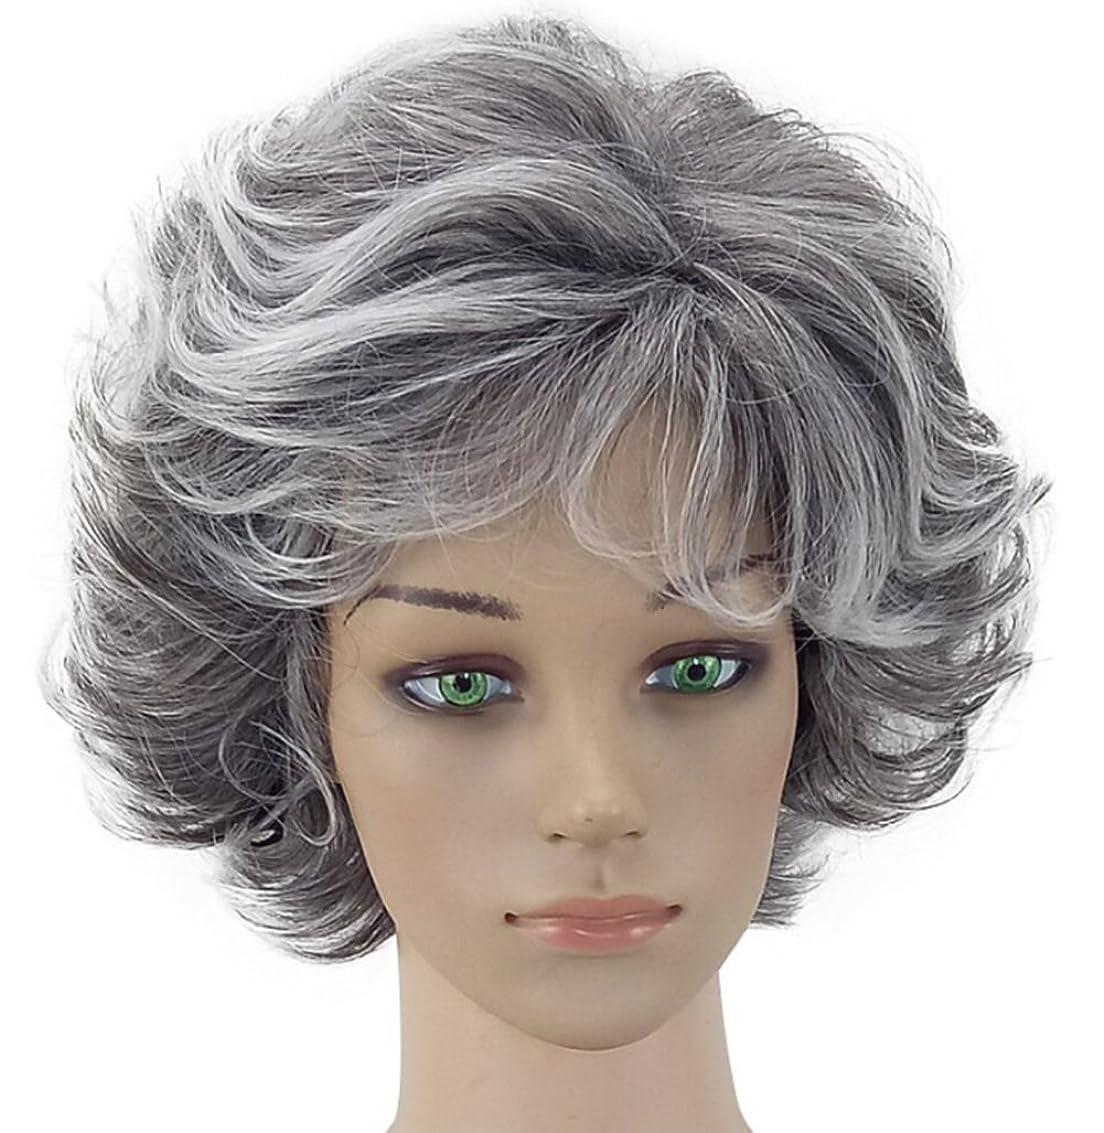 黒人寝る系譜女性のためのウィッググレーカーリーナチュラル耐熱とフルウィービングウィッグ高品質のヘアピースのコスプレ